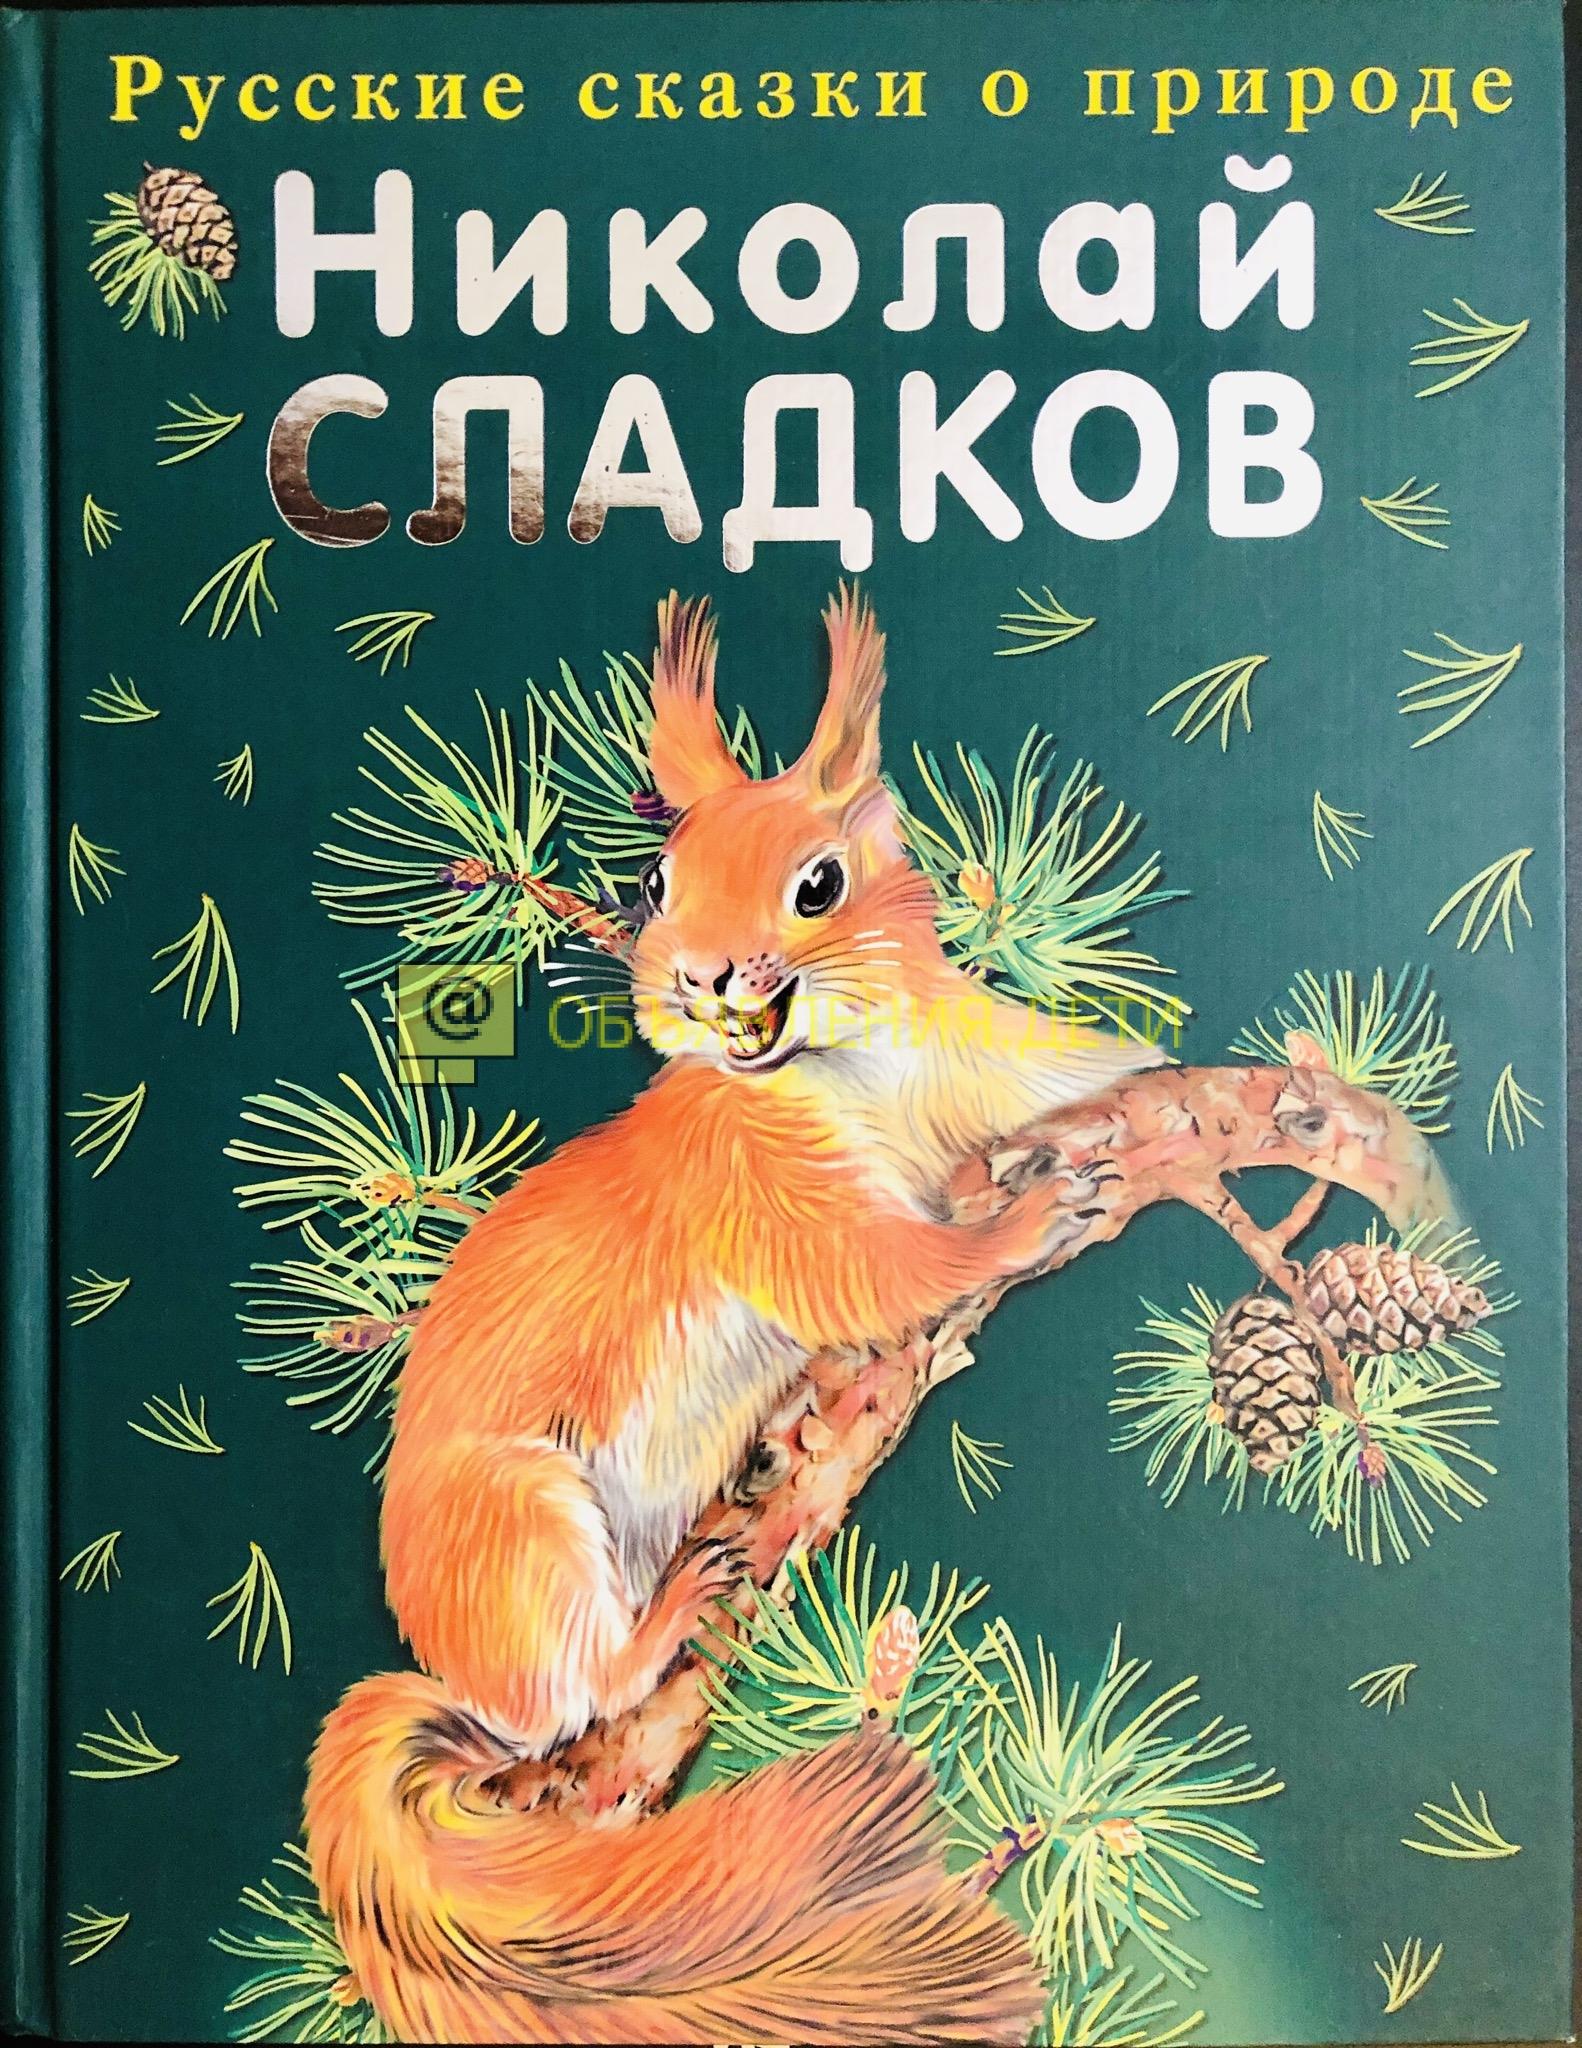 совсем сладков лесные сказки с картинками звезда объявляет конкурс